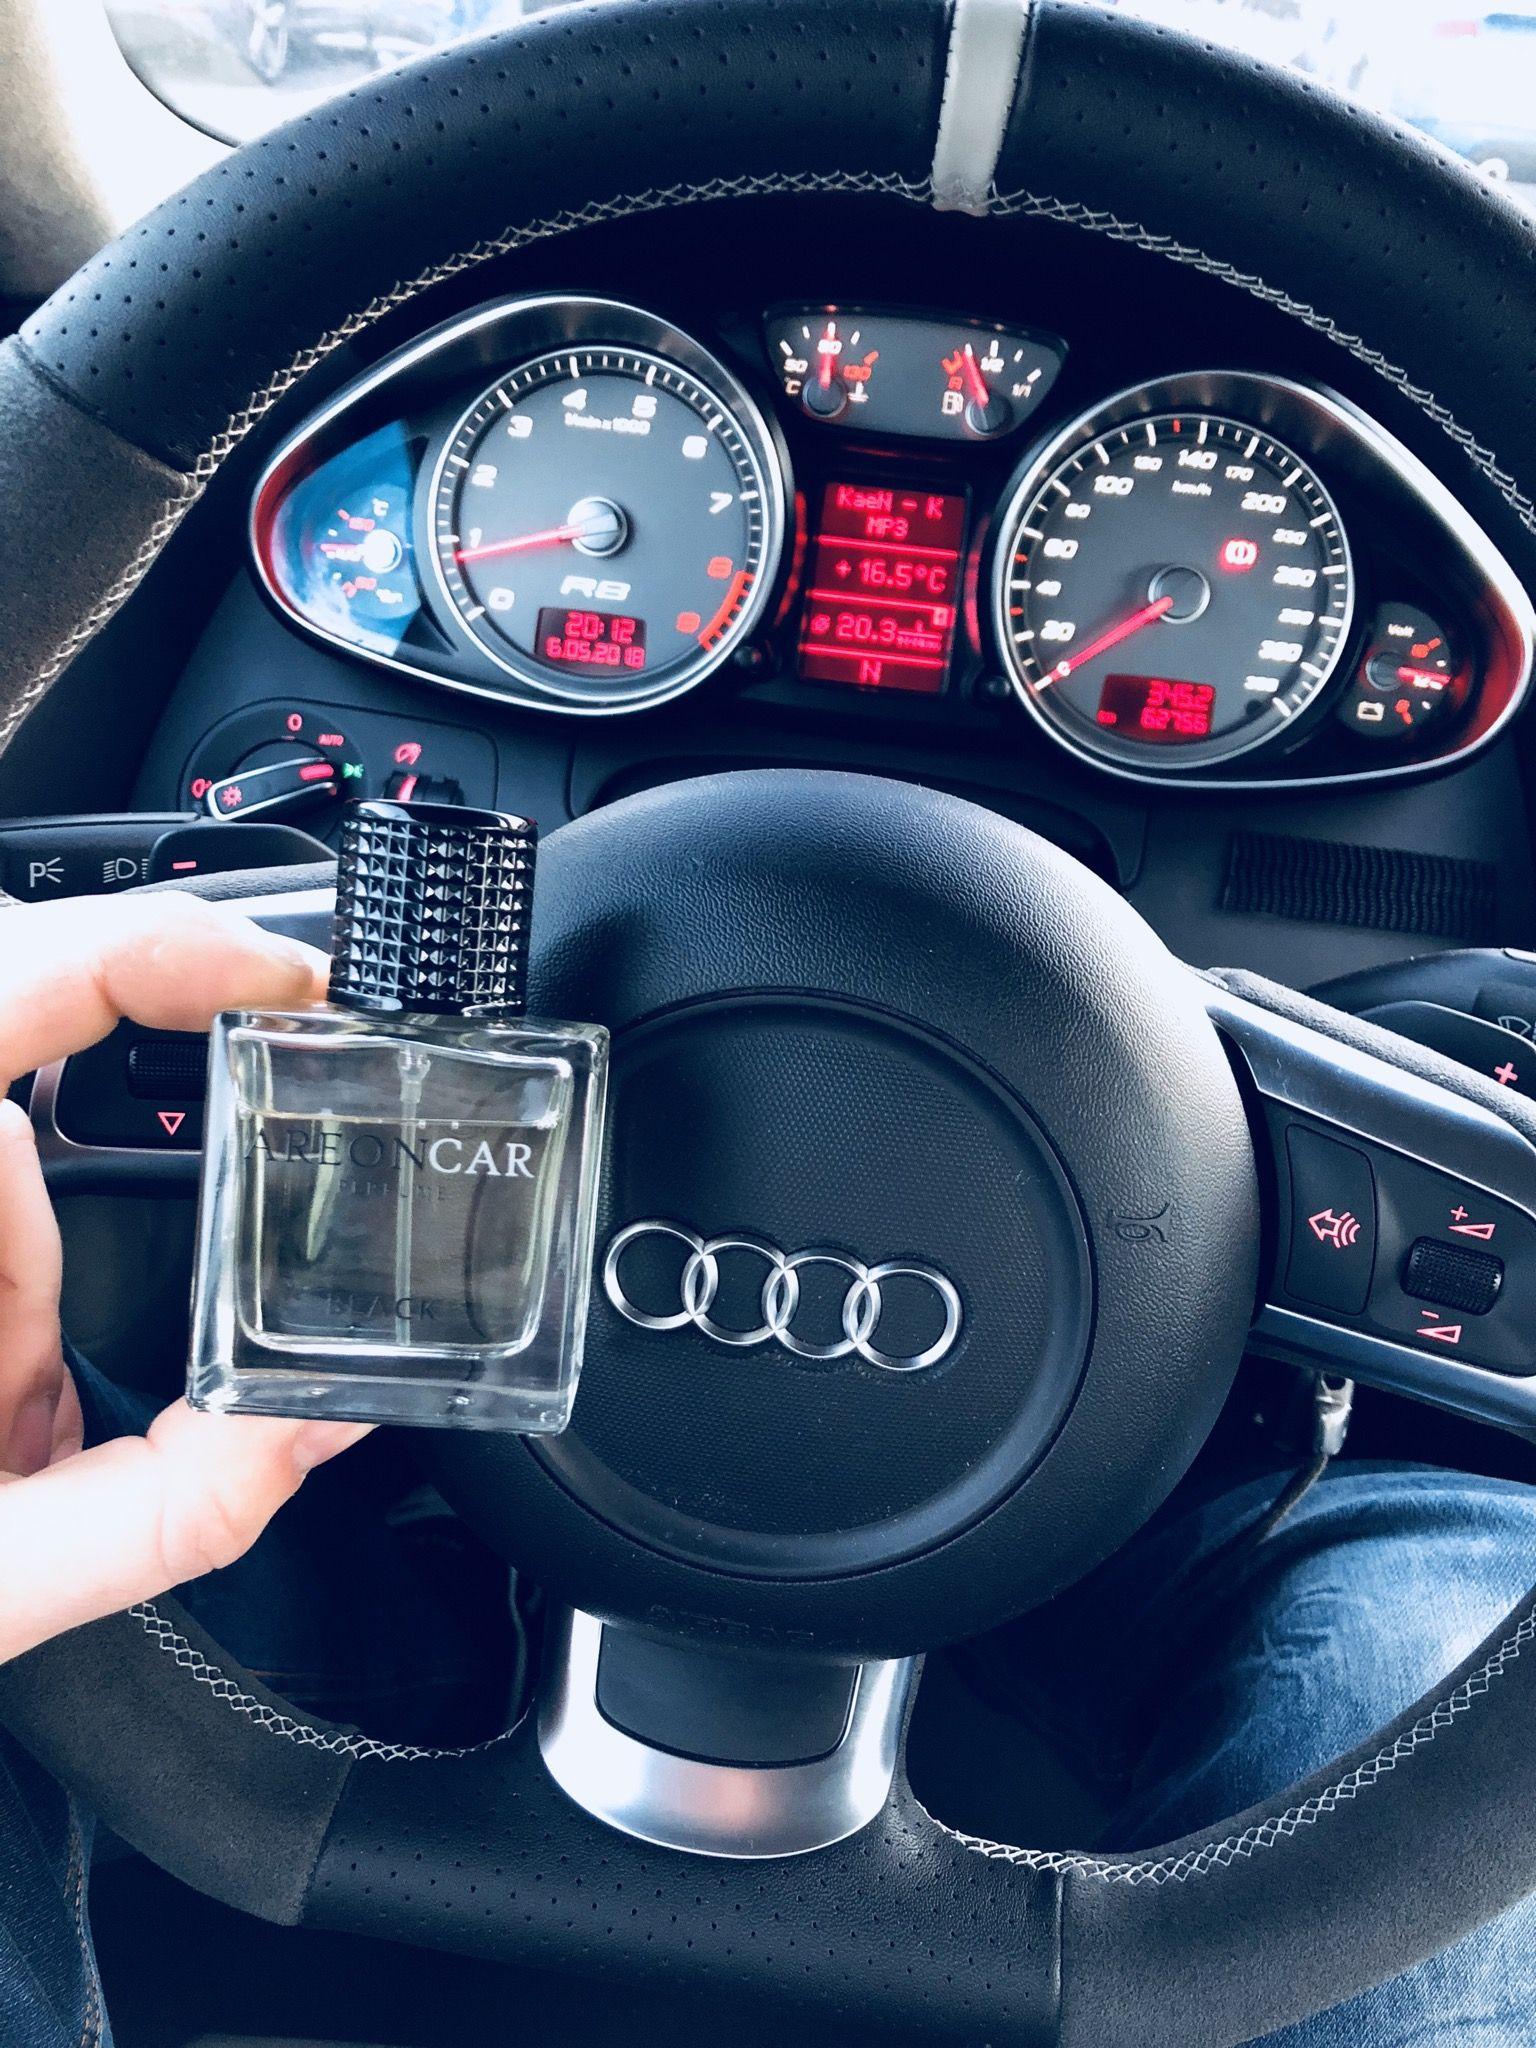 Strefa Zabrze Ze Swoim Audi Rowniez Stosuja I Polecaja Perfumy